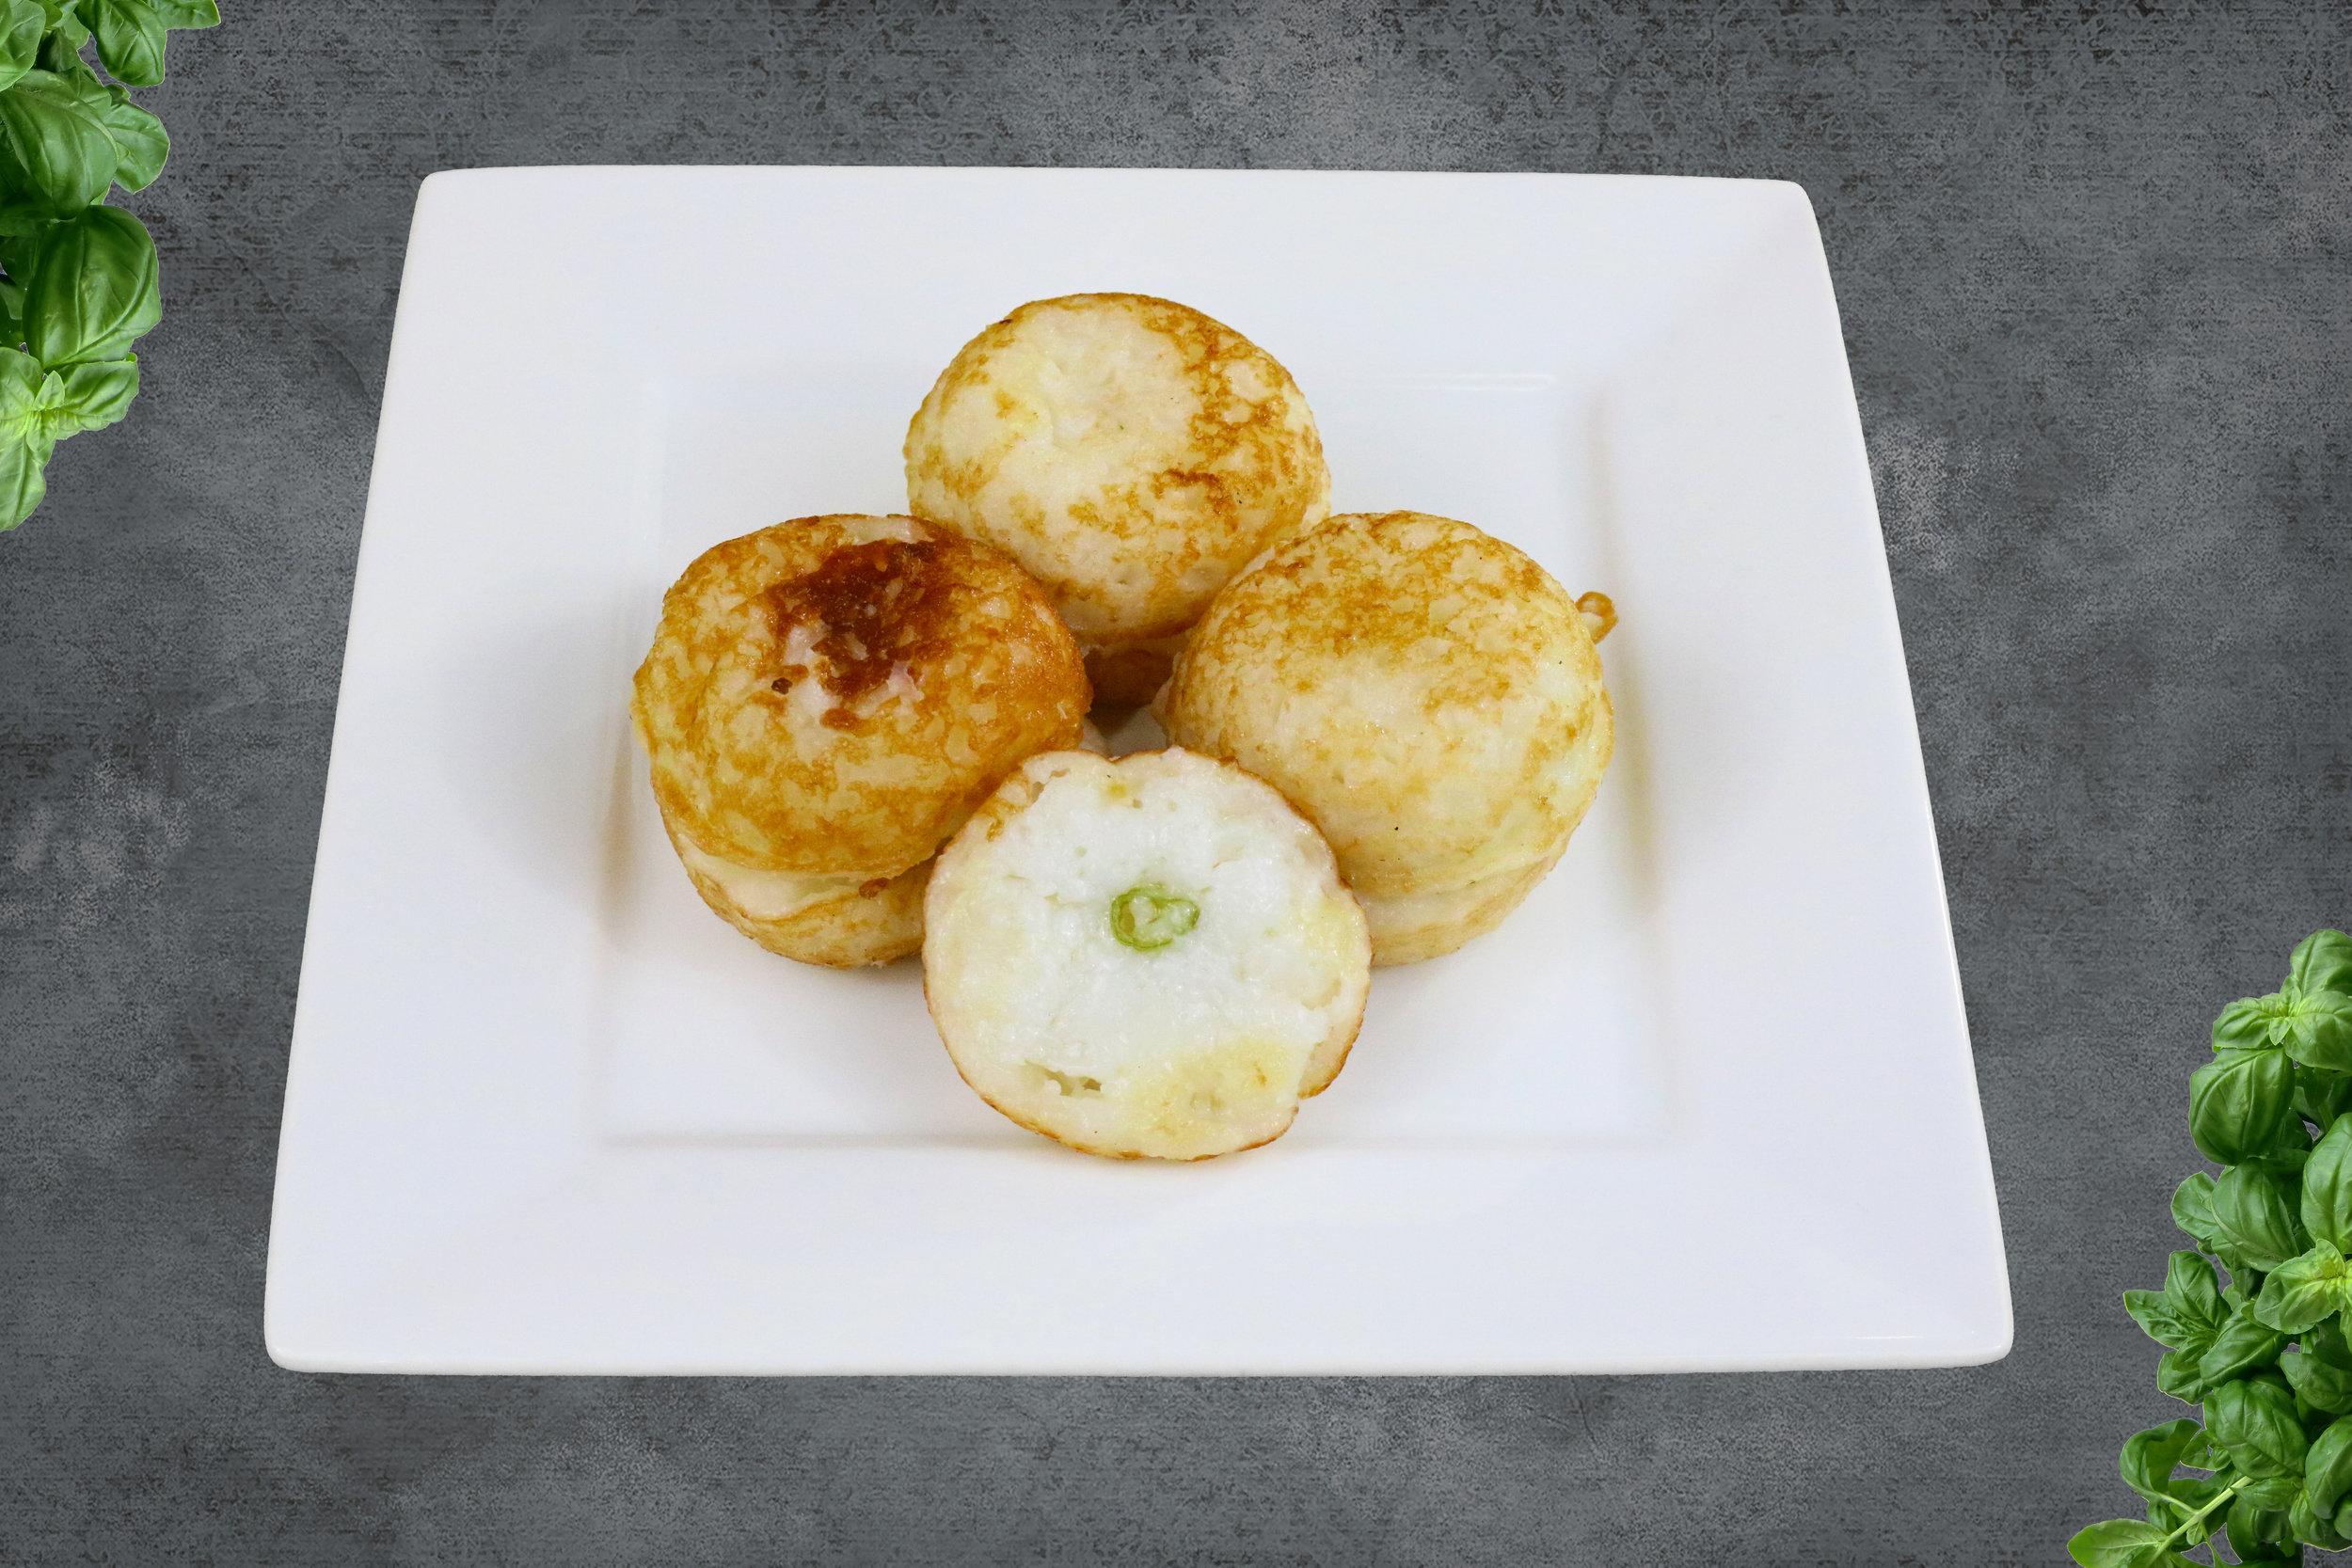 banh_khot_dessert.jpg